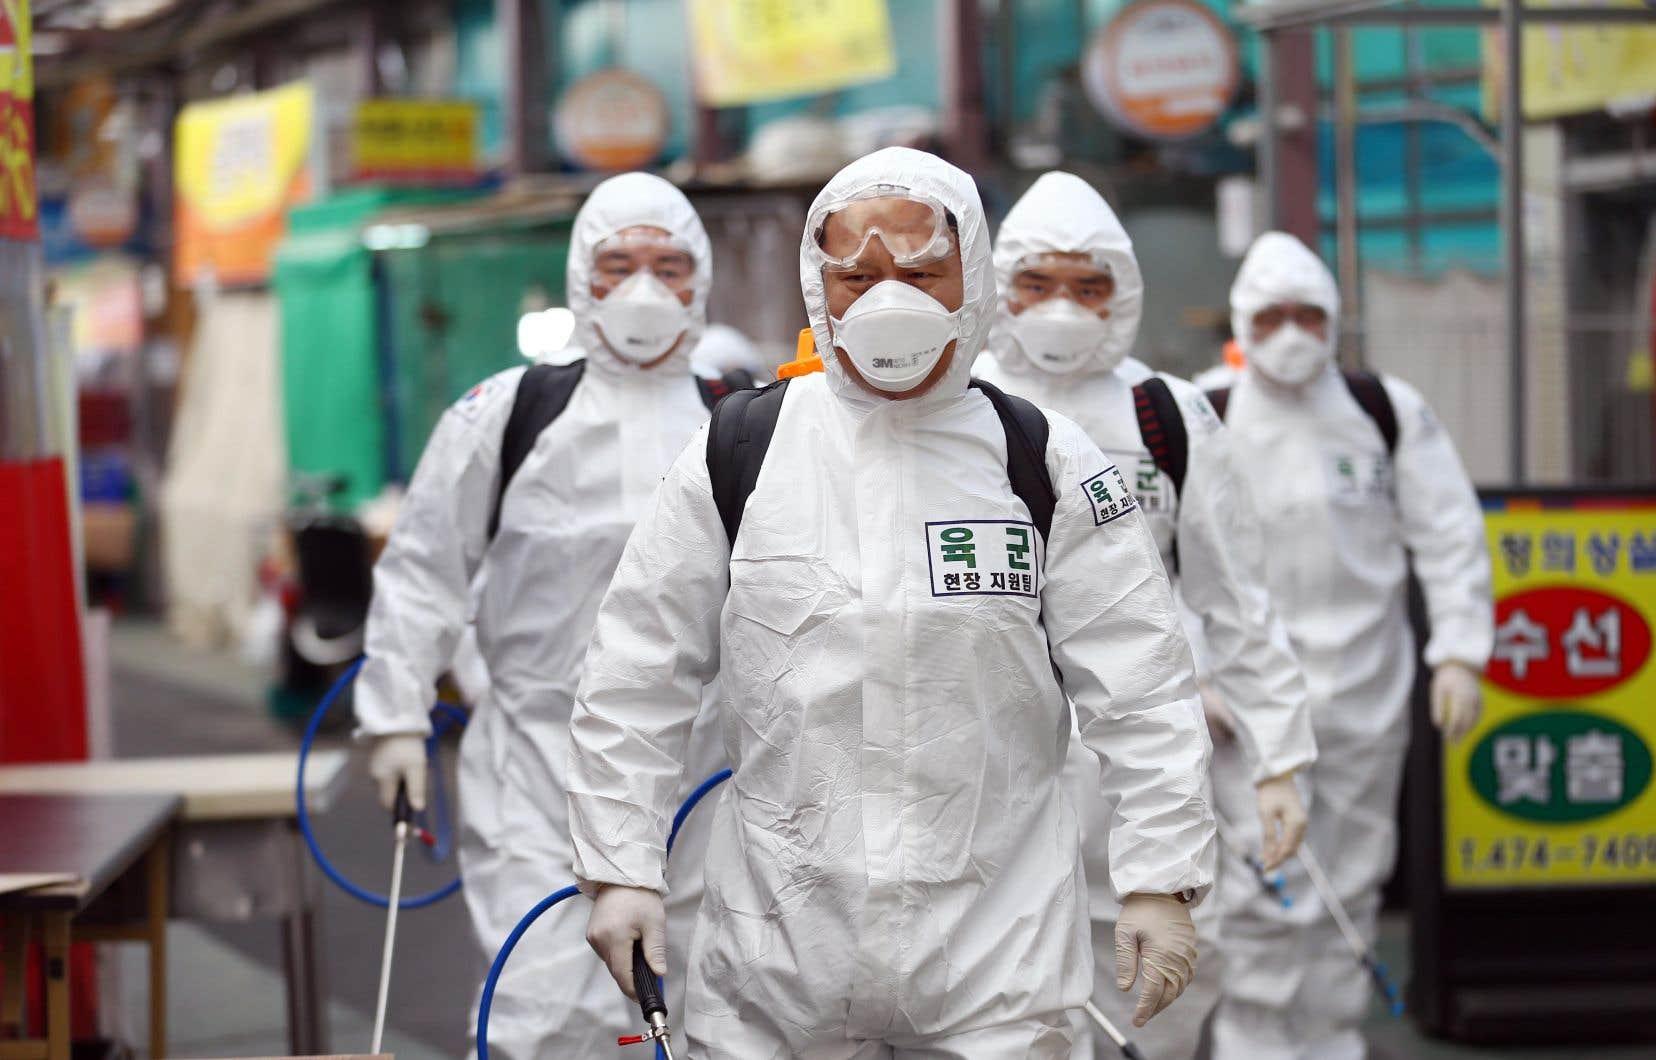 À ce jour, la COVID-19 a fait près de 3500 morts et plus de 100000 personnes dans le monde ont été contaminées dans 92 pays et territoires.